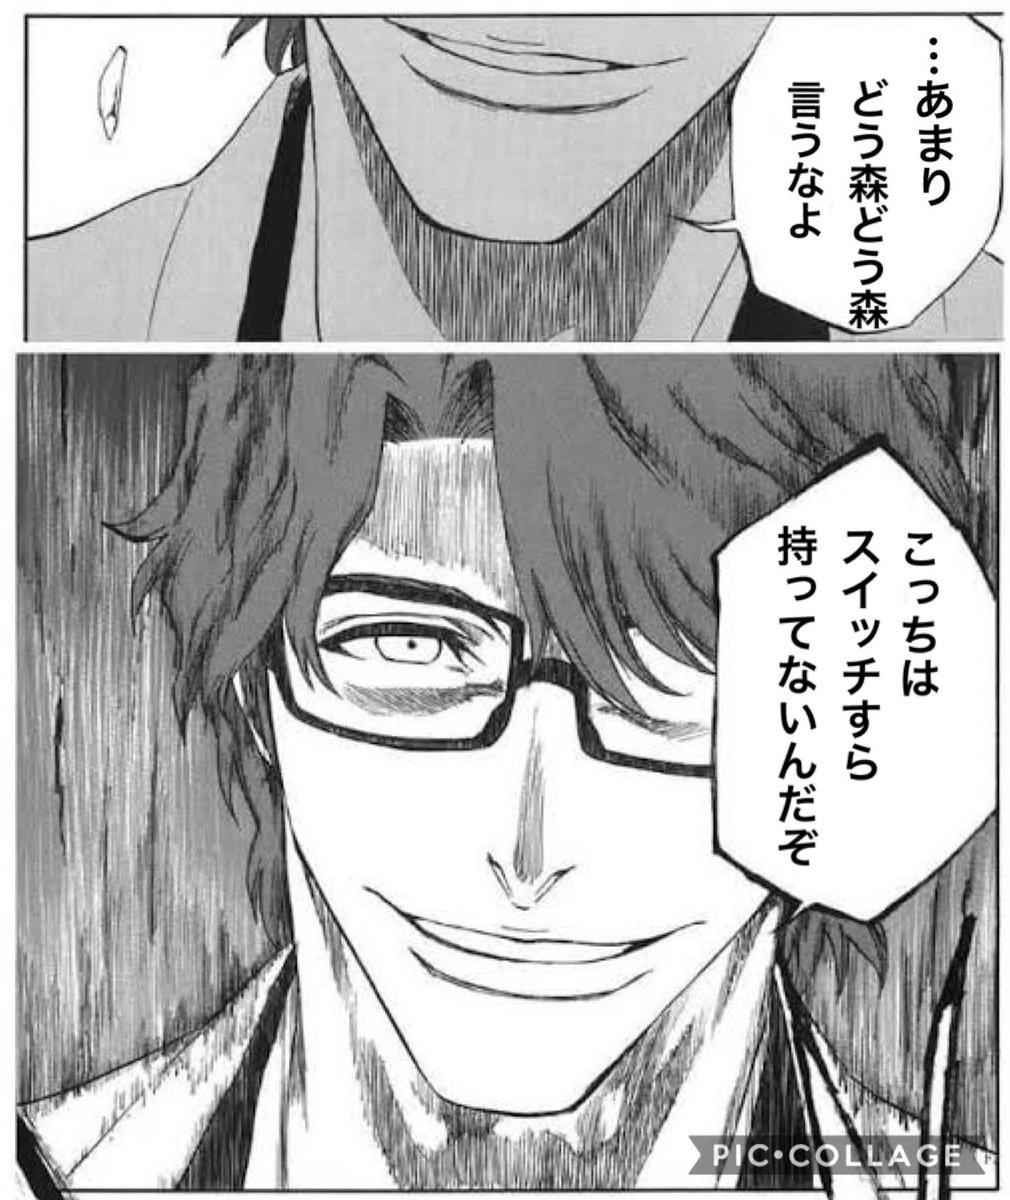 ゲイ岡義勇(白雪)さんの投稿画像